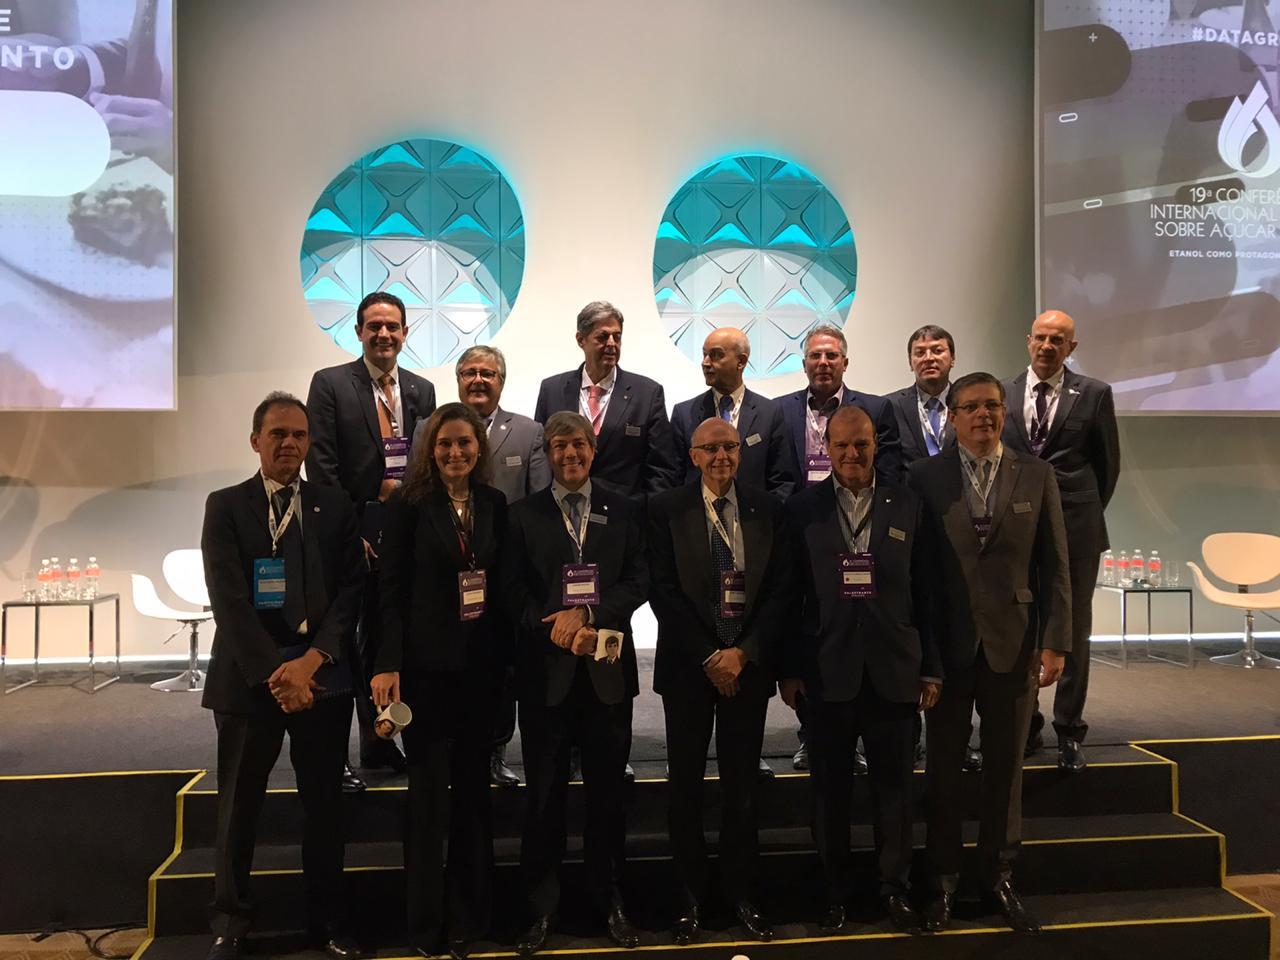 Renato Cunha, Presidente do SINDAÇÚCAR/PE, participando da 19a. Conferência Internacional Datagro sobre Açúcar e Etanol, no Grand Hyatt São Paulo, dias 28 e 29/outubro/2019